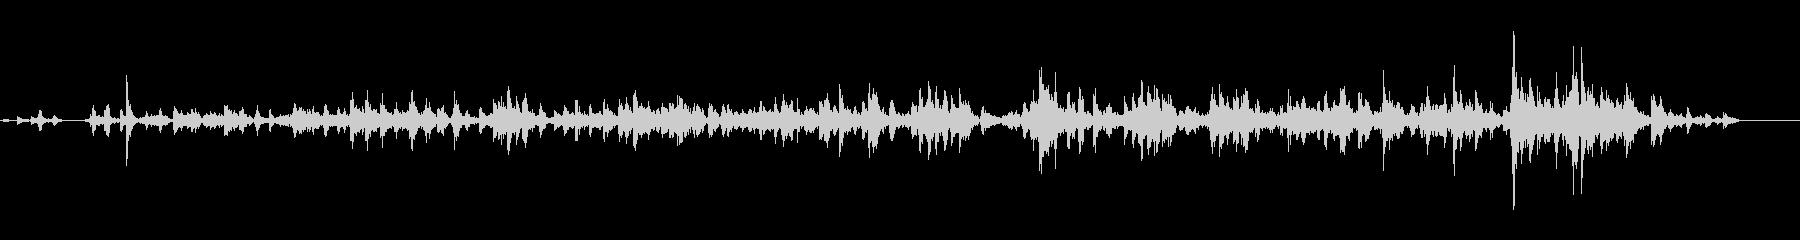 机が地震で揺れる音の未再生の波形